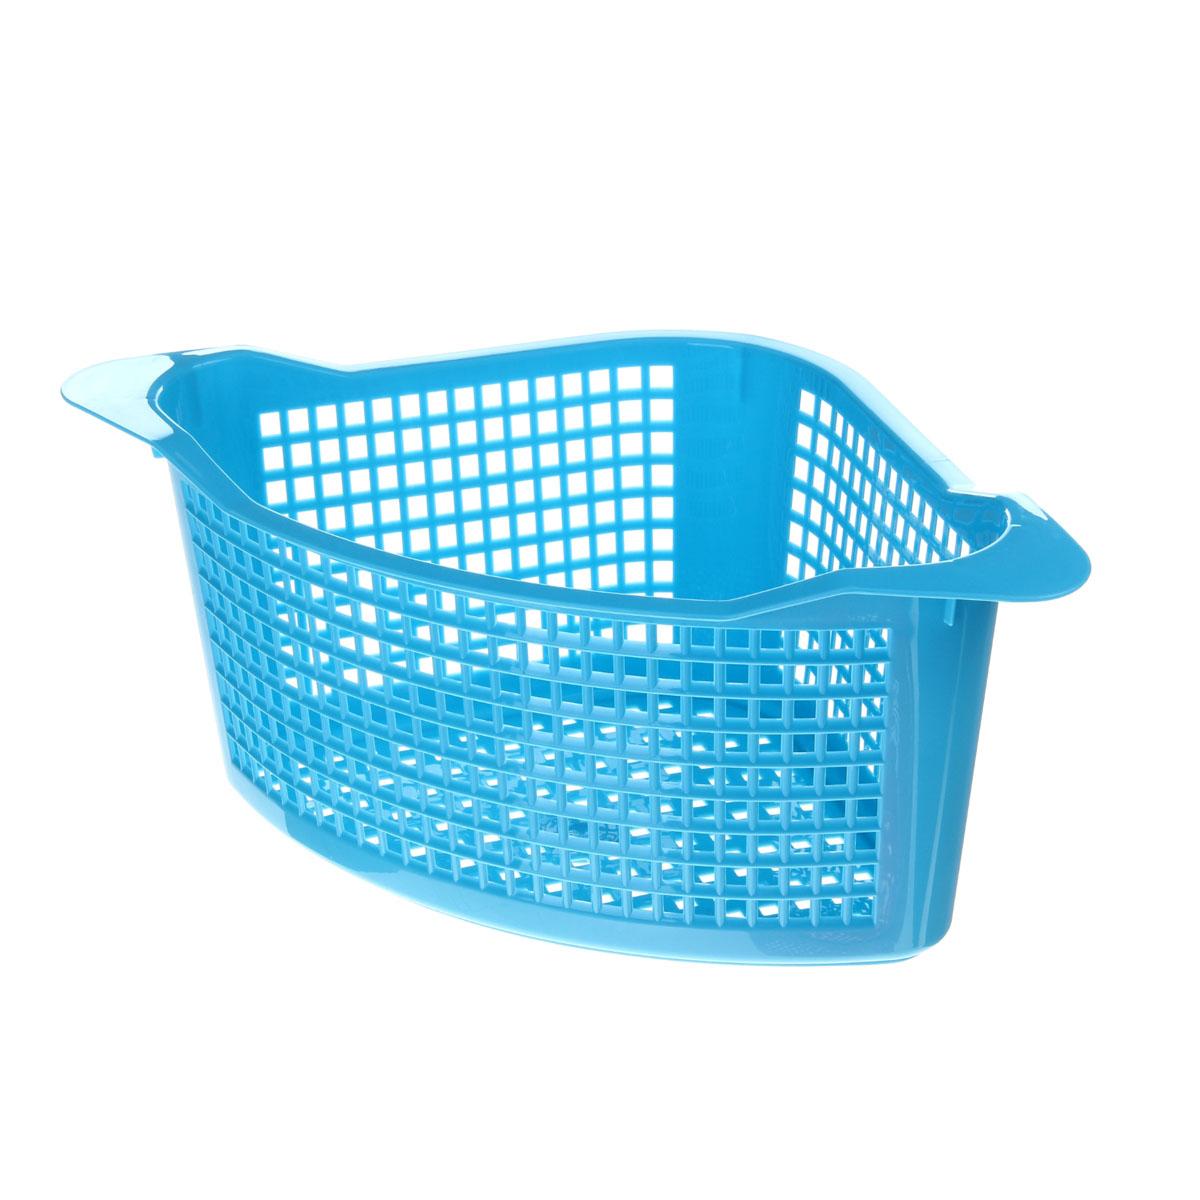 Корзинка универсальная Econova, угловая, цвет: голубой, 29 х 18 х 12 см718343Универсальная угловая корзинка Econova изготовлена из высококачественного пластика с перфорированными стенками и дном. Такая корзинка непременно пригодится в быту, в ней можно хранить кухонные принадлежности, специи, аксессуары для ванной, канцелярию и другие бытовые предметы.